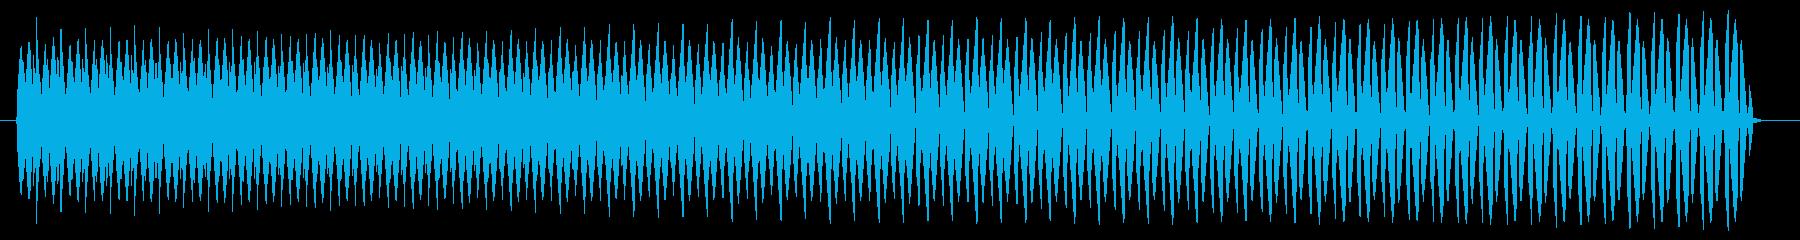 ヴョォー。クイズ不正解・ブザー音の再生済みの波形